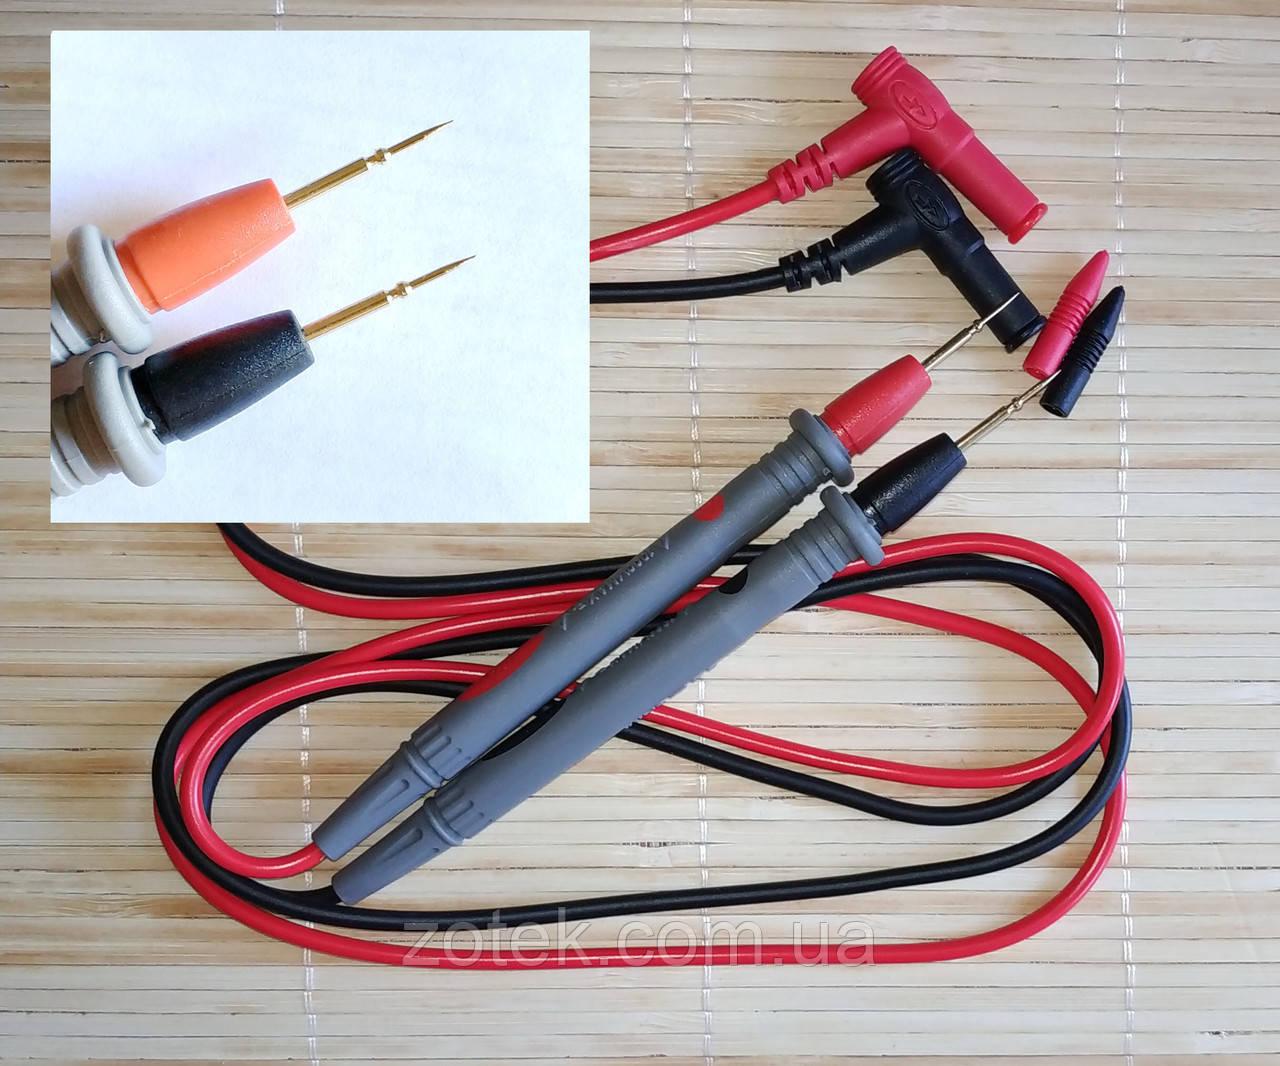 Щупи для мультиметра 20А з голкою на кінці